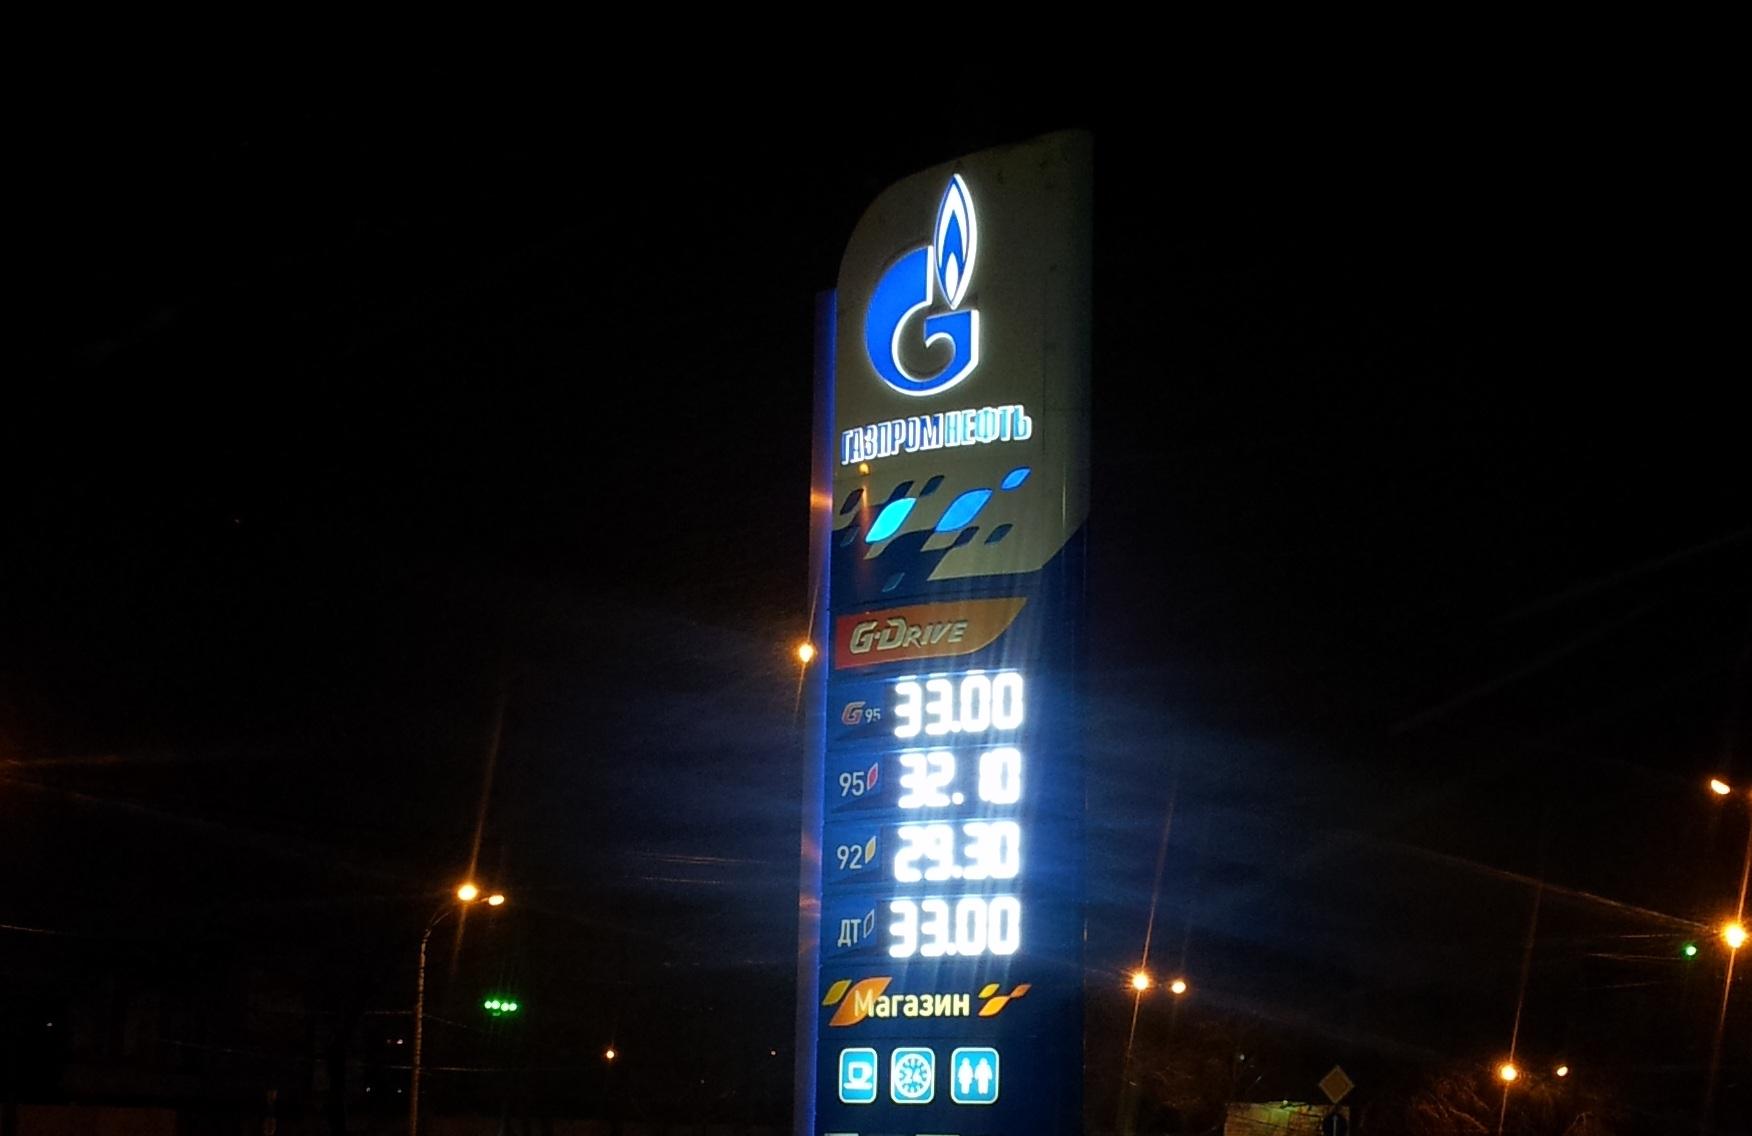 Мониторинг 66.ru: солярка уже подорожала на 5%. И продолжает расти